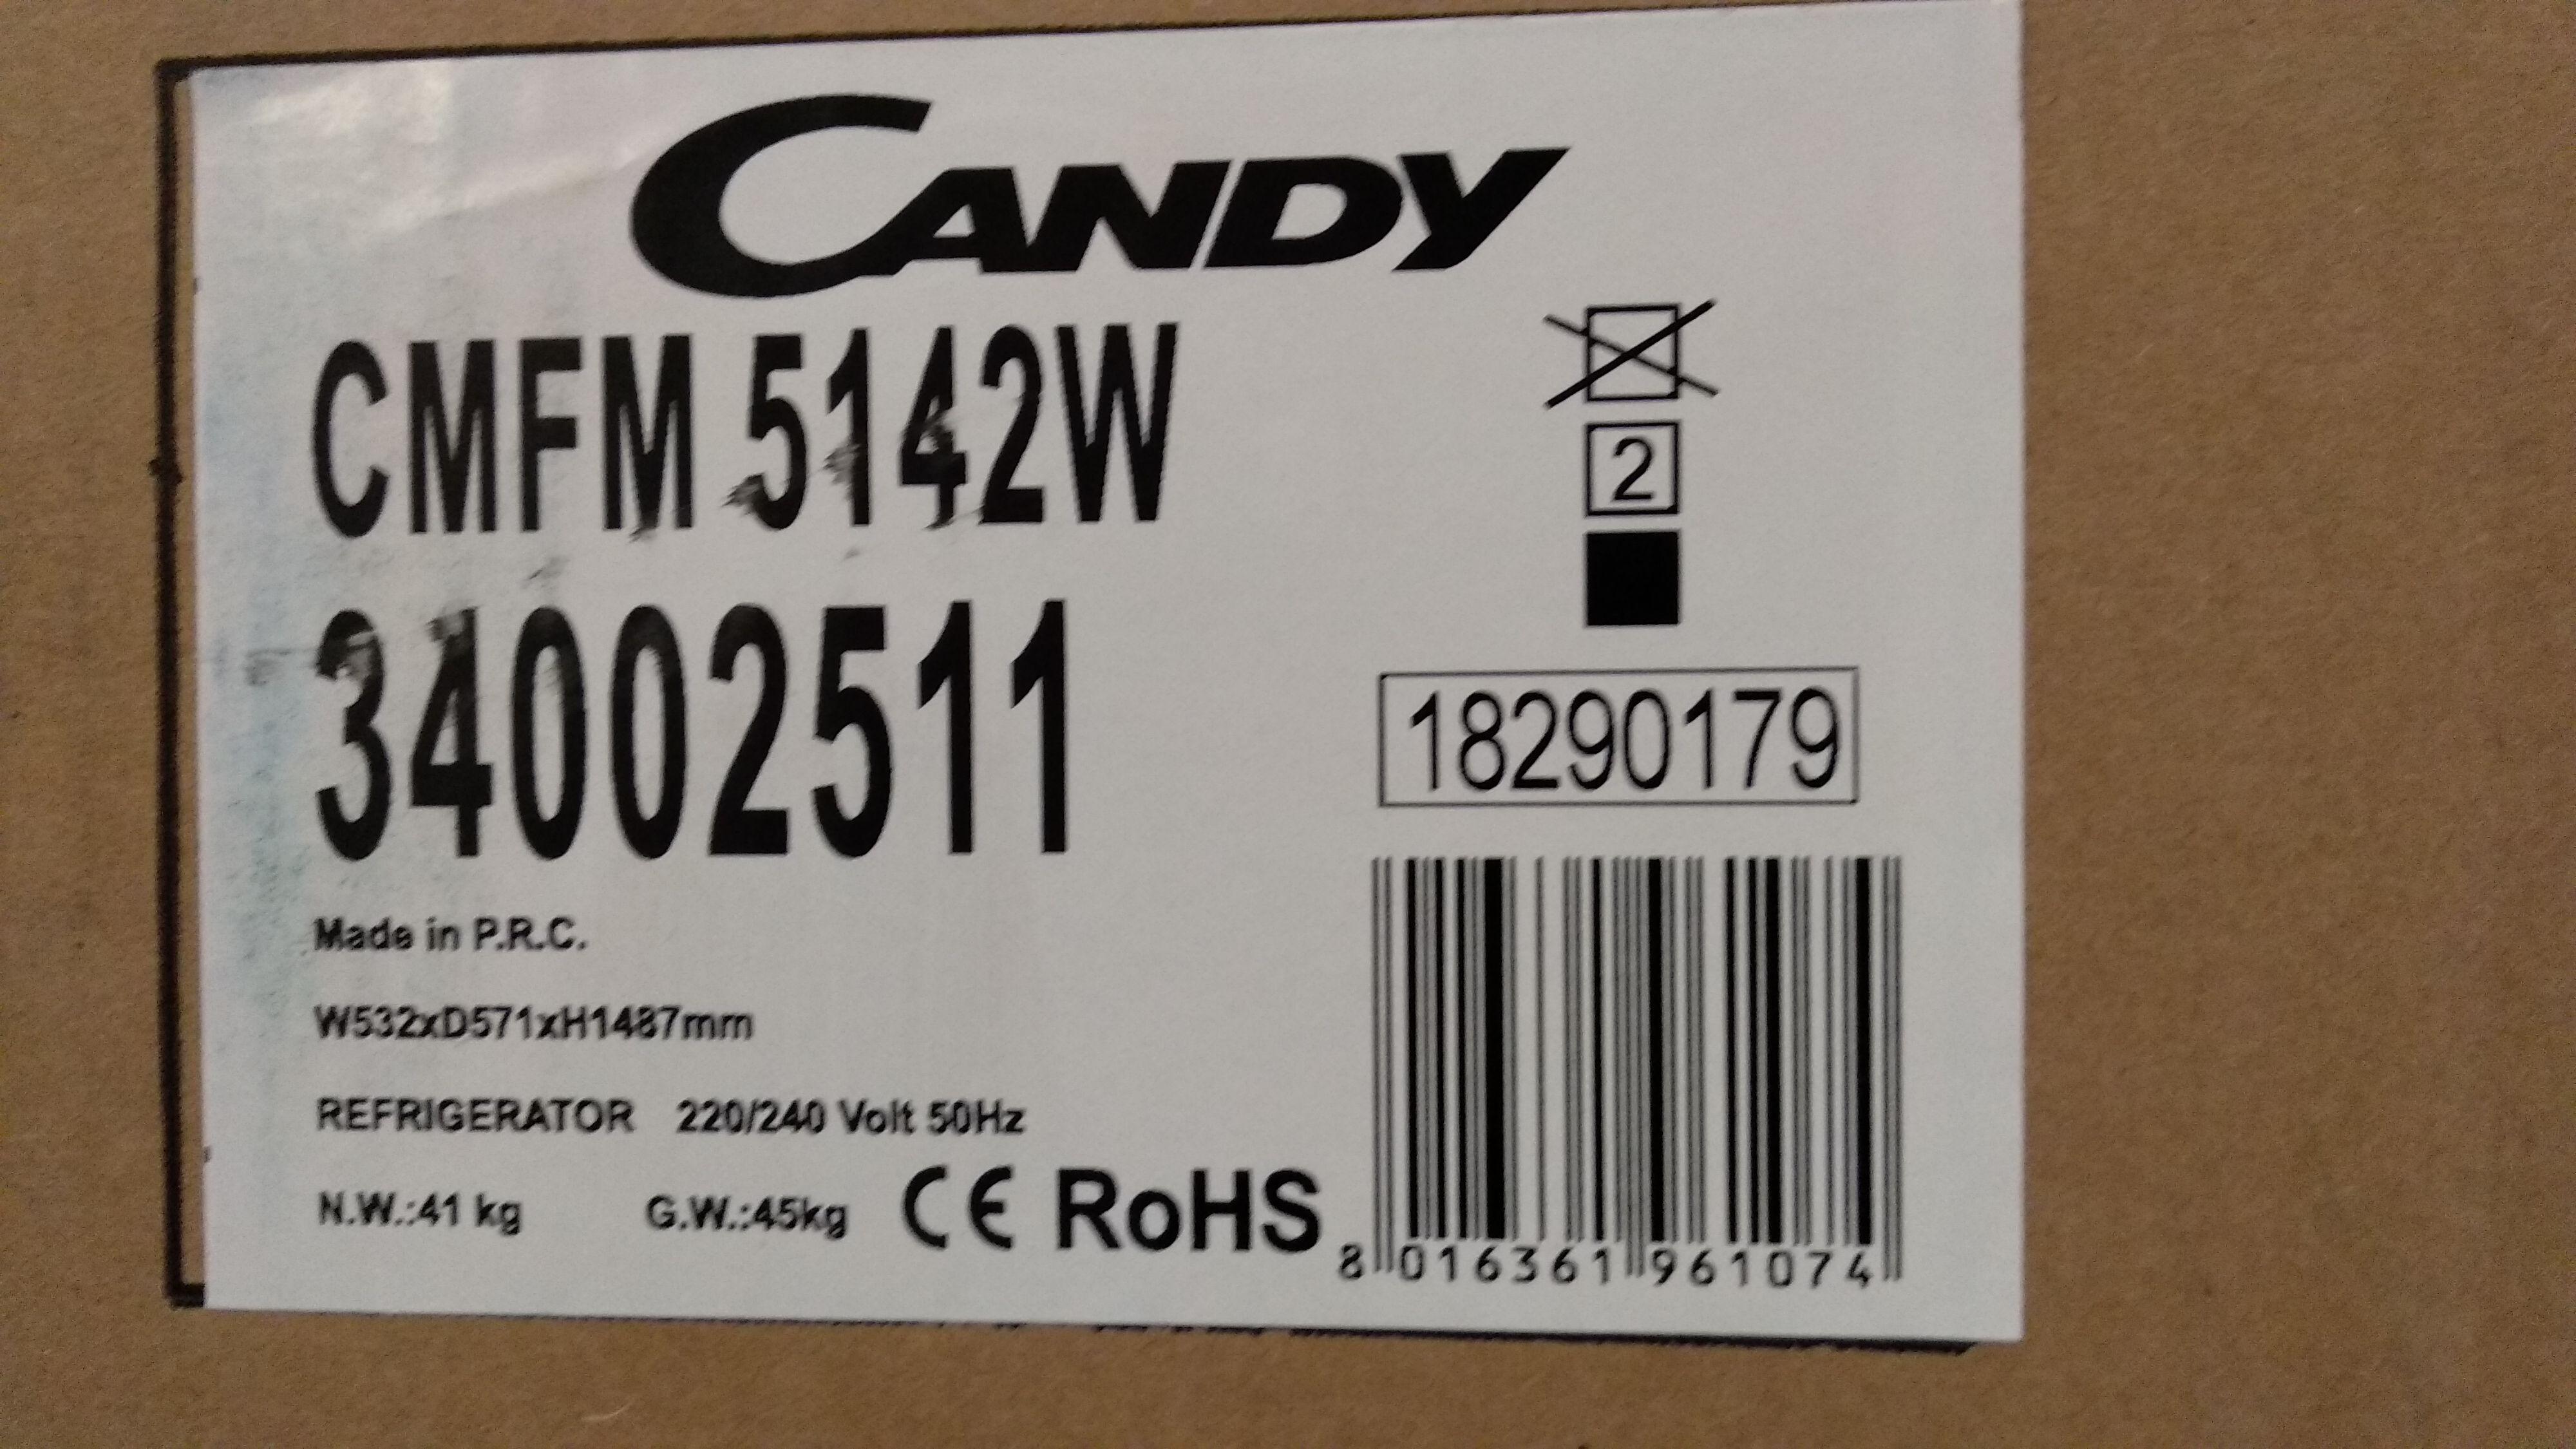 CMFM 5142W